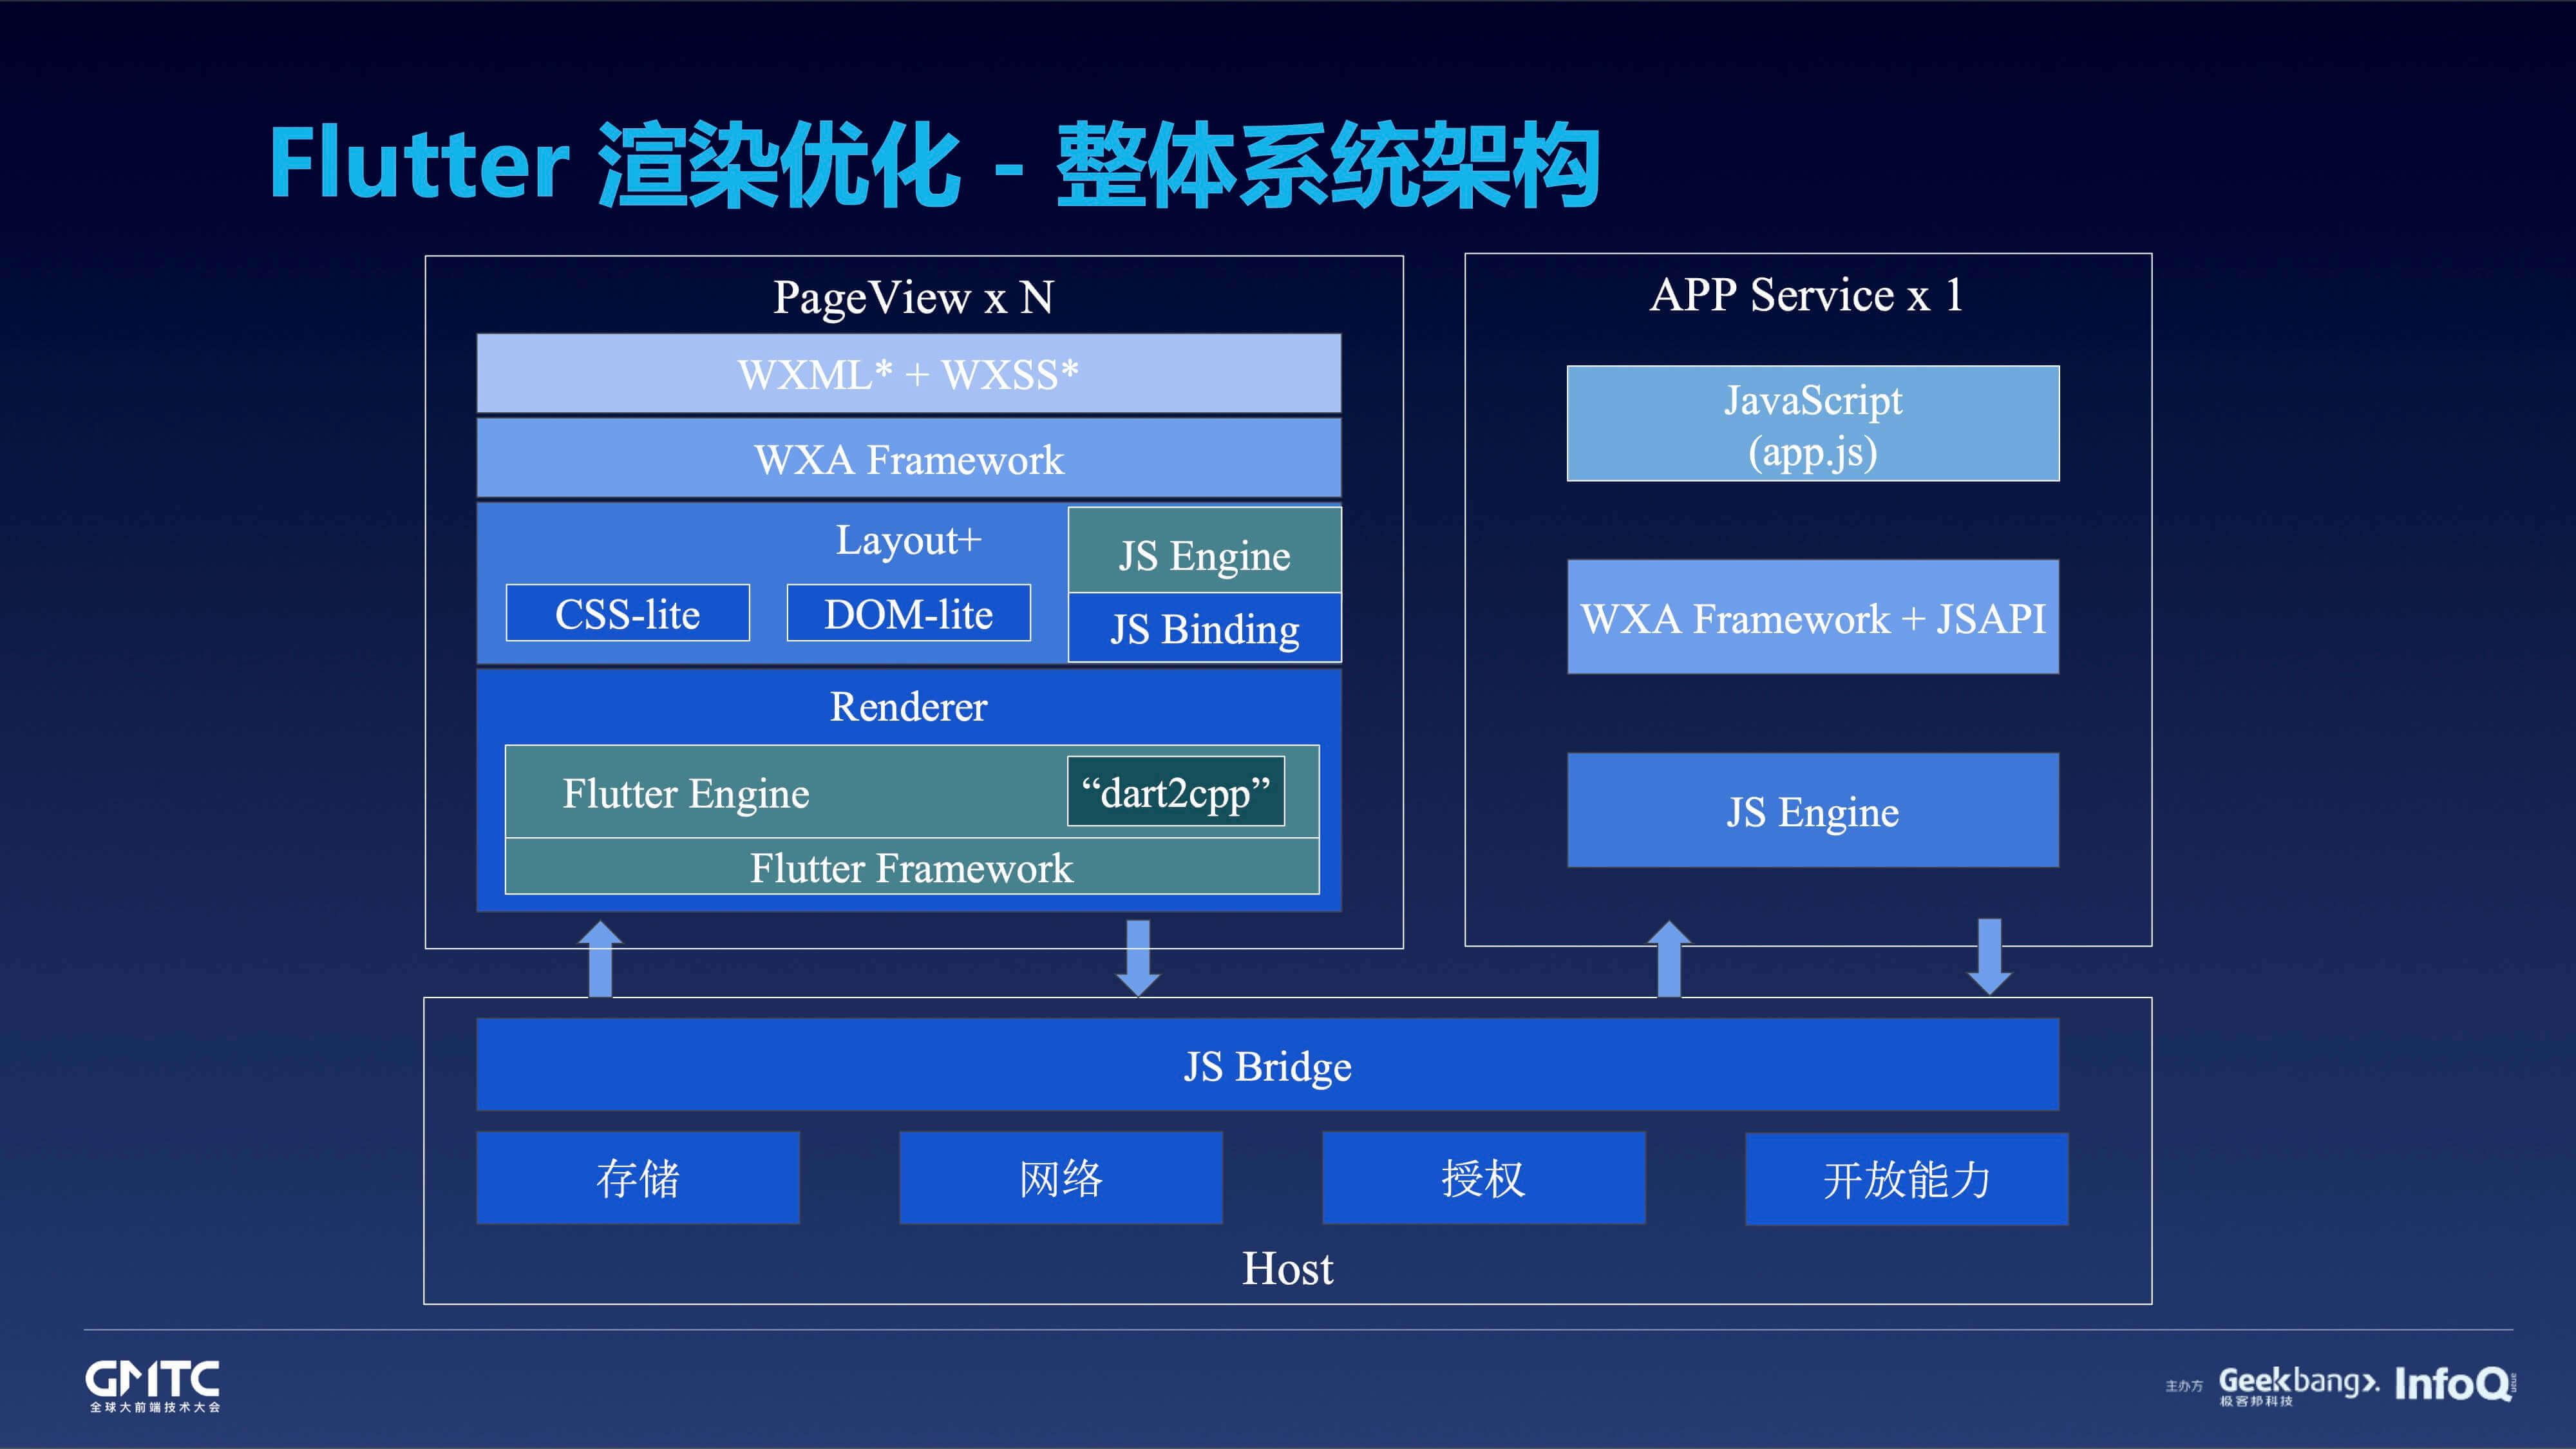 张志坚-基于小程序技术栈的微信客户端跨平台实践.jpg